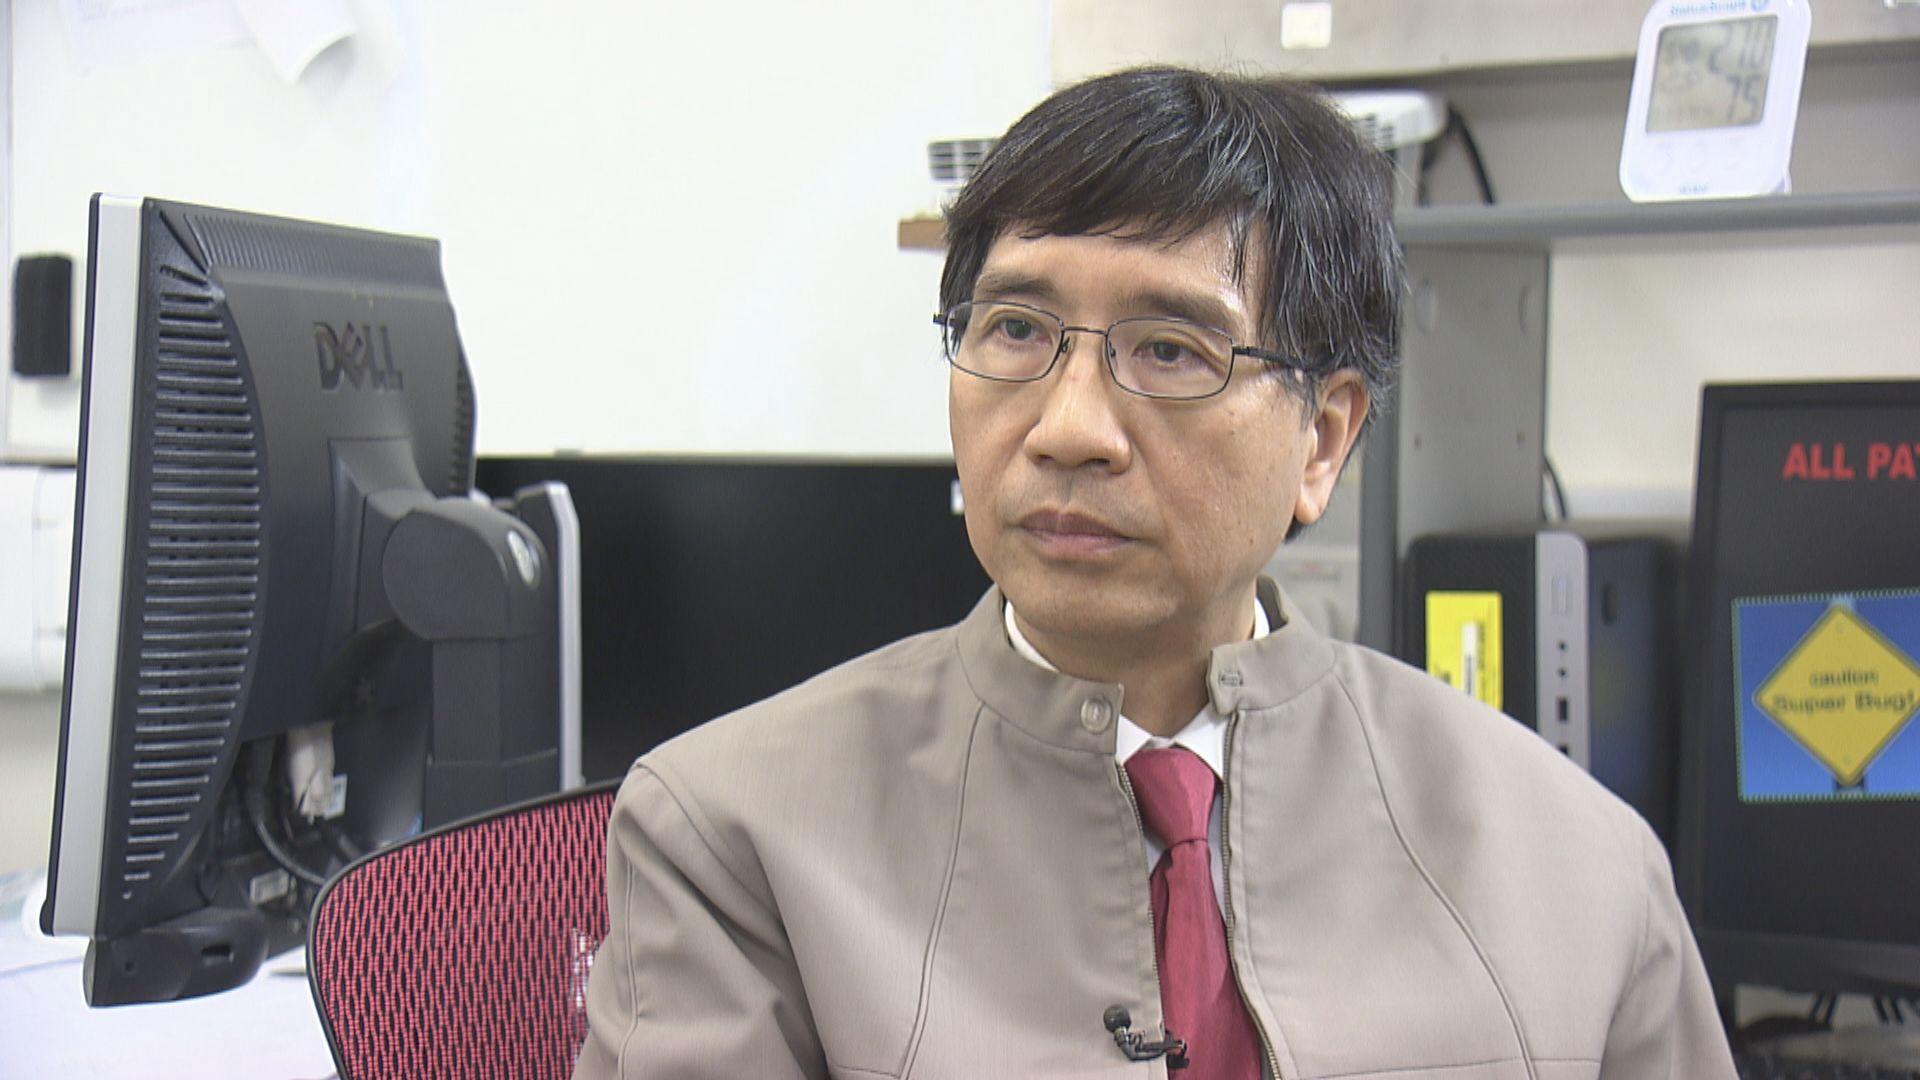 袁國勇︰新增個案是大警號 兩周內不應再放寬防疫措施